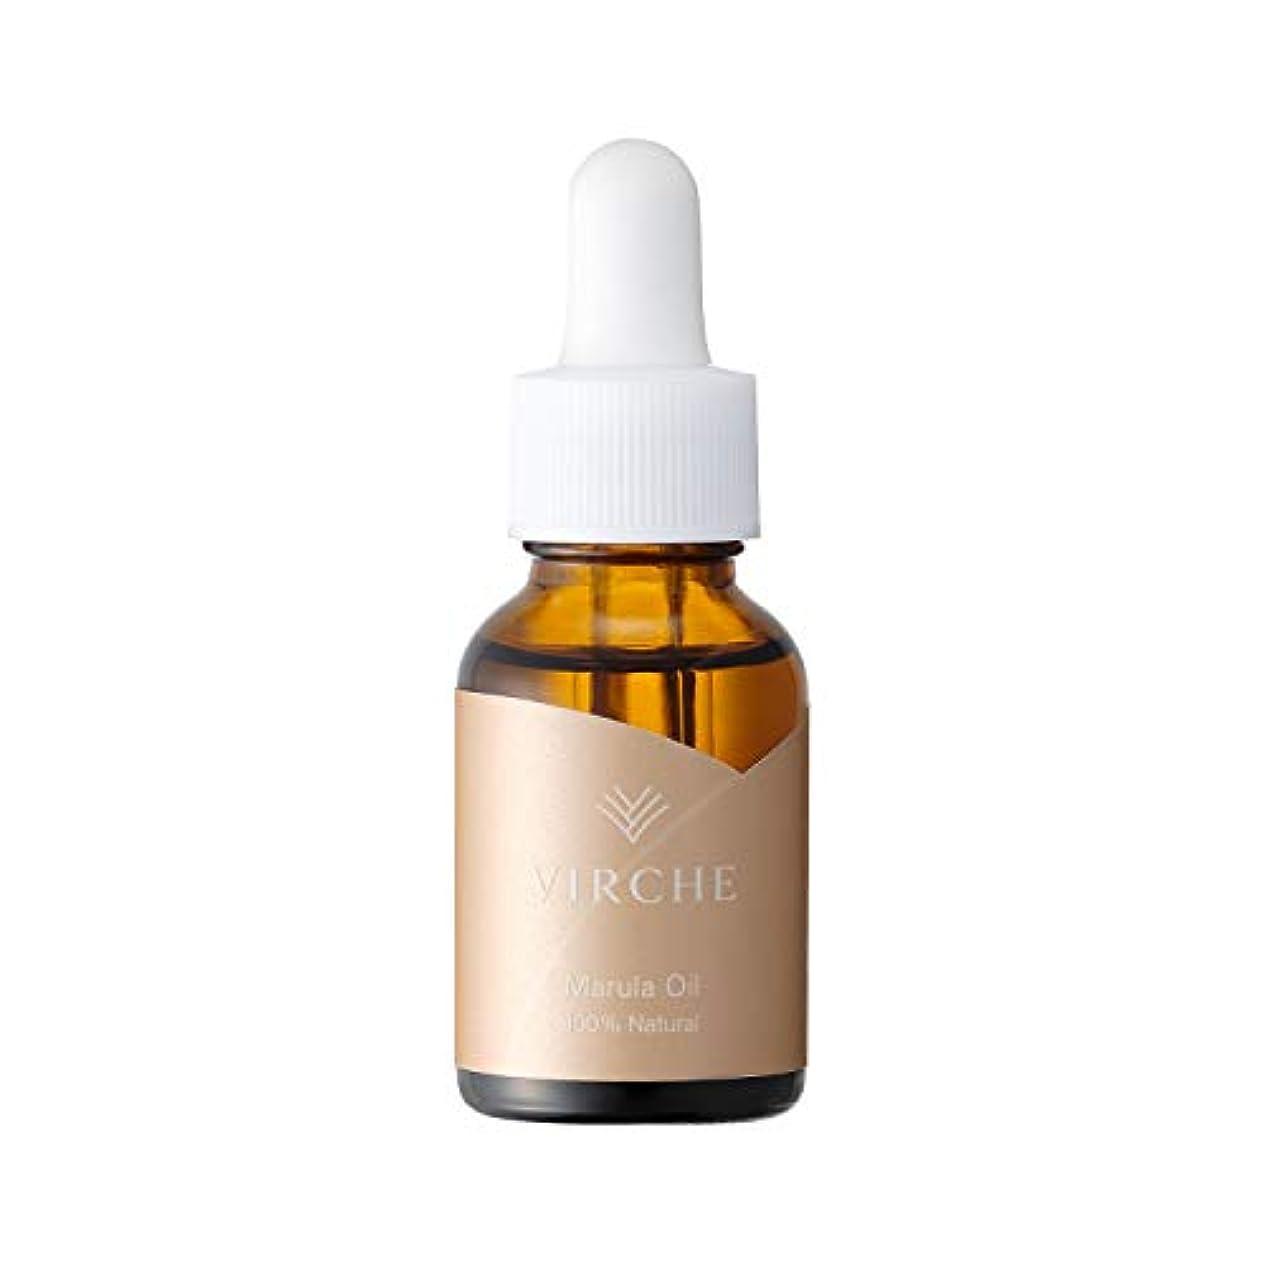 まつげ独占マークマルラオイル(Marula Oil)国内で品質管理/無香料/防腐剤、香料、着色料すべて無添加の美容オイル/18ml(髪など全身に使えて約30日分)